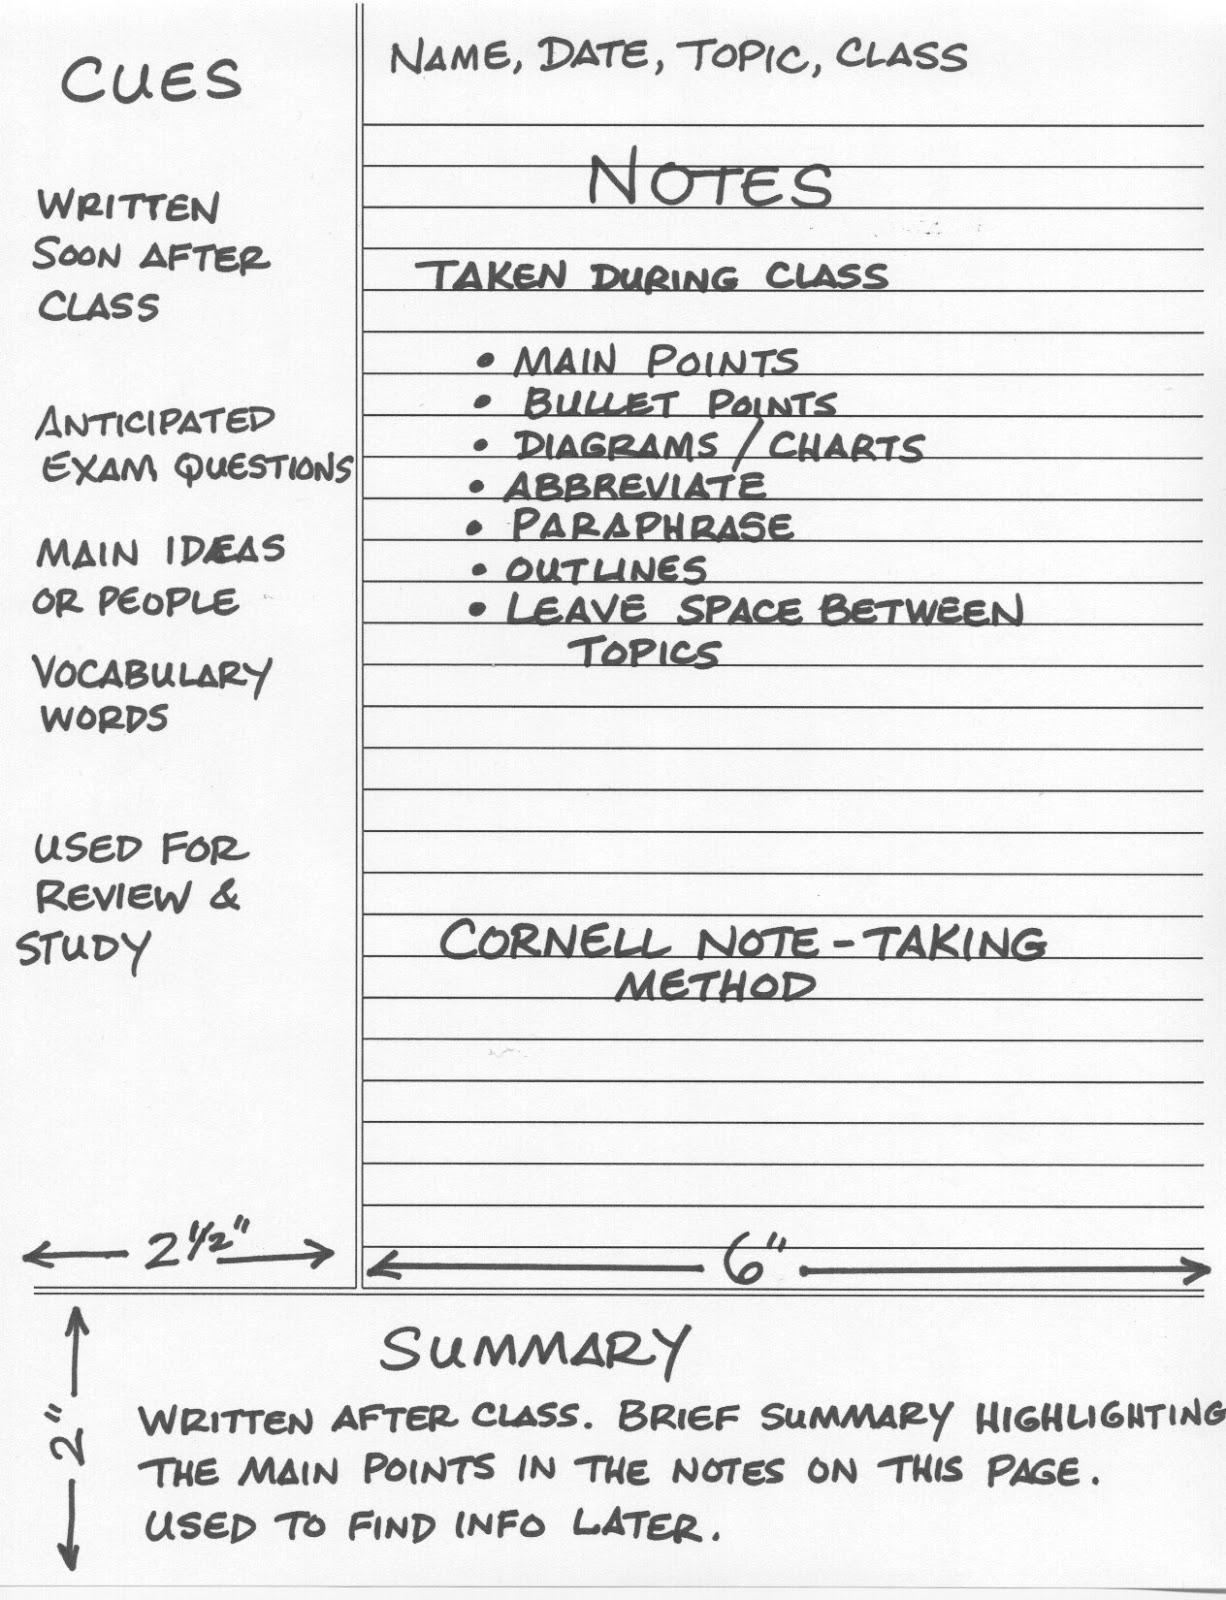 Phương pháp ghi chép của Cornell